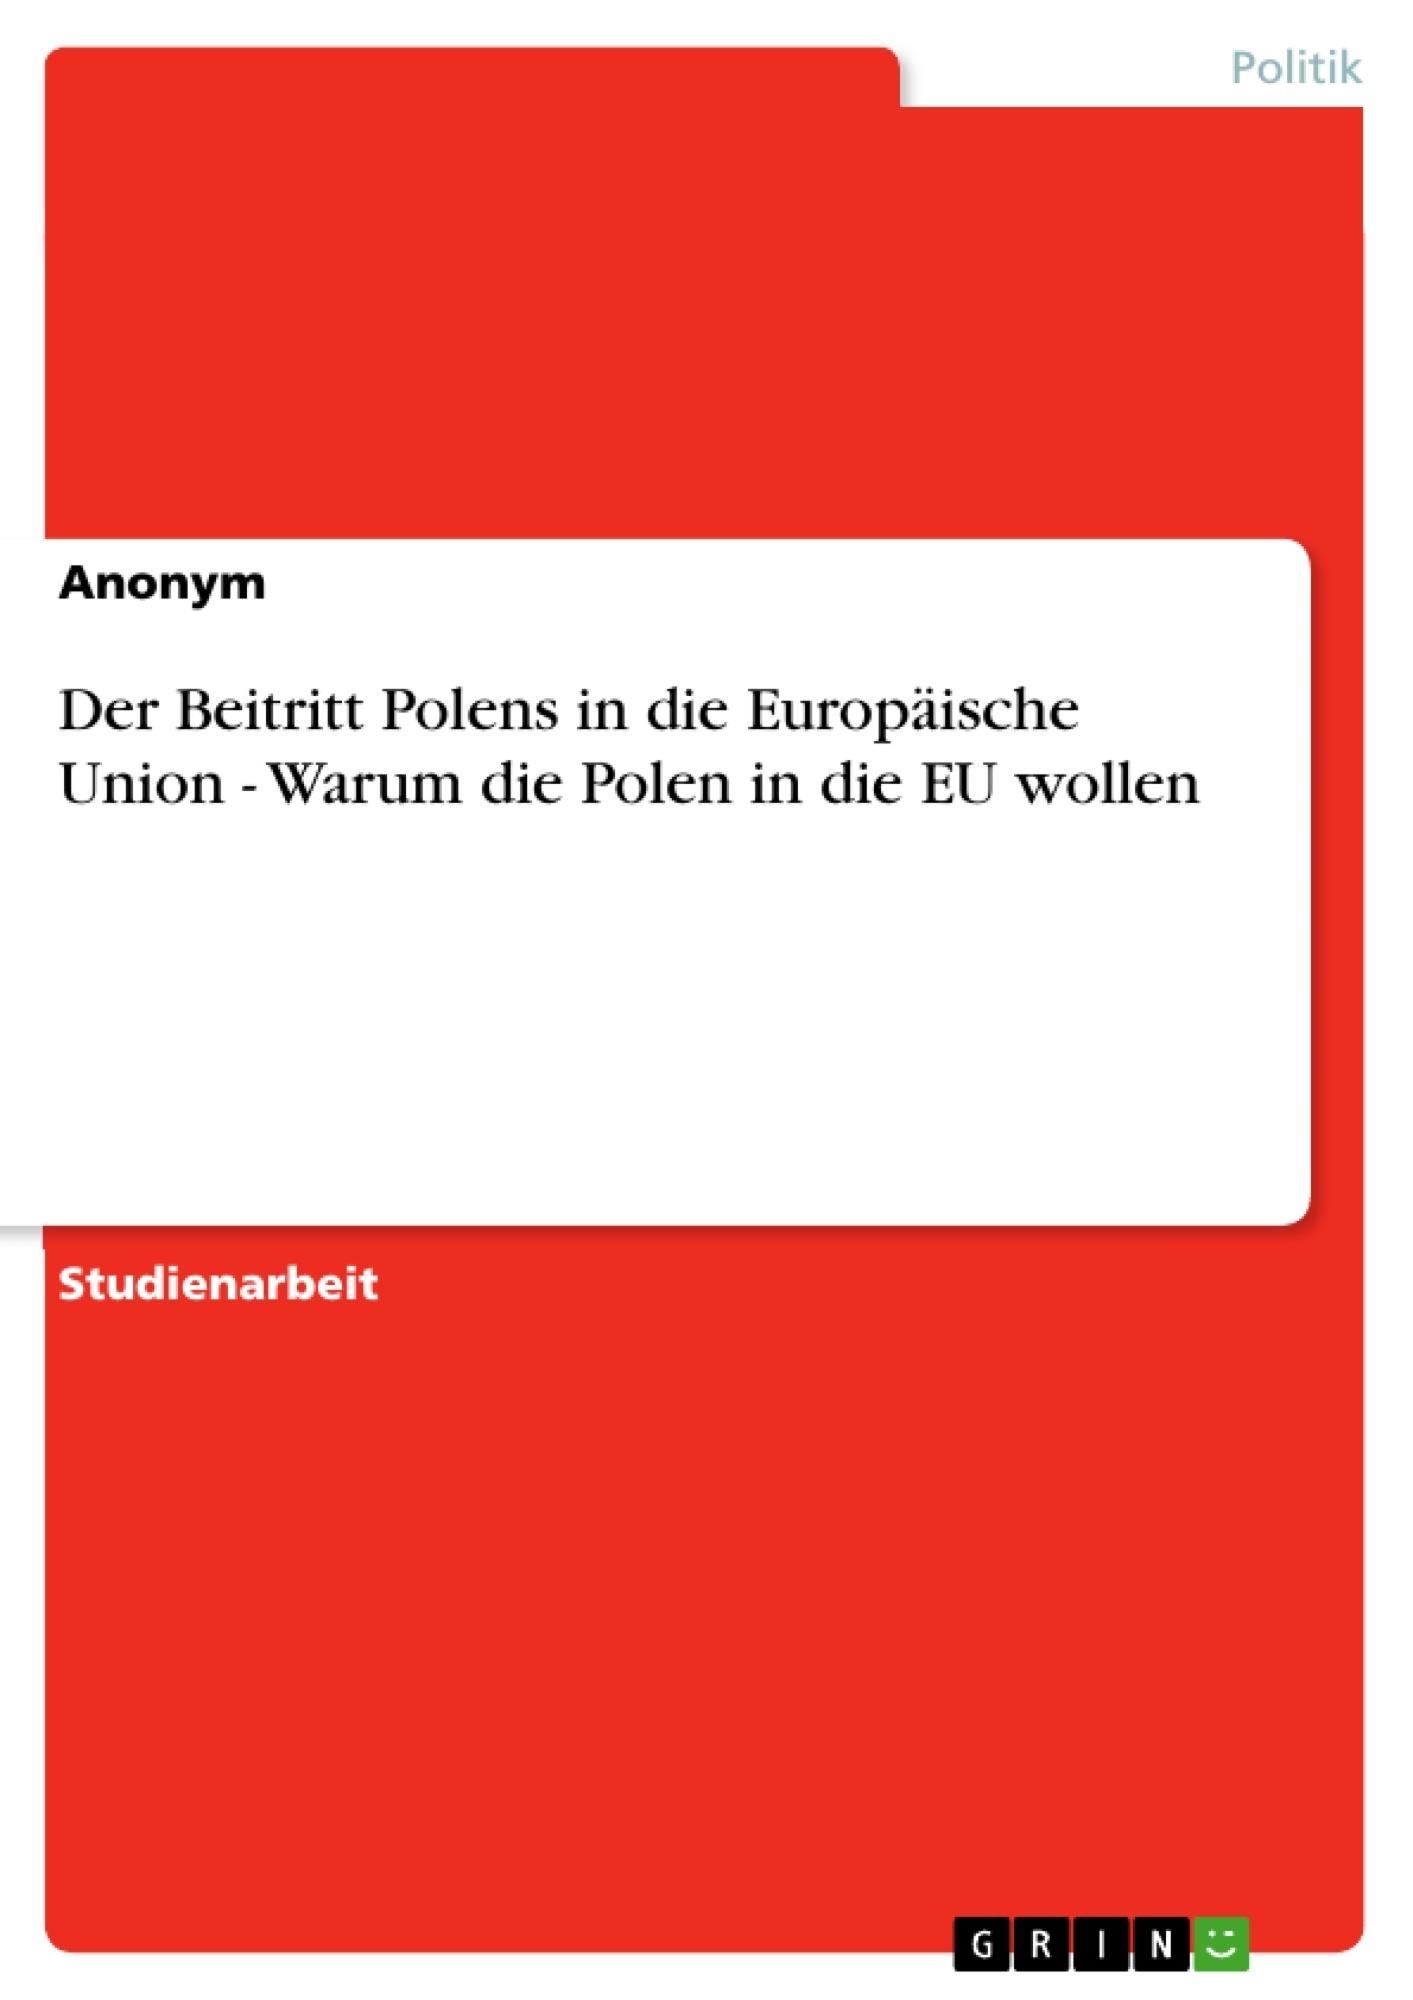 Titel: Der Beitritt Polens in die Europäische Union - Warum die Polen in die EU wollen